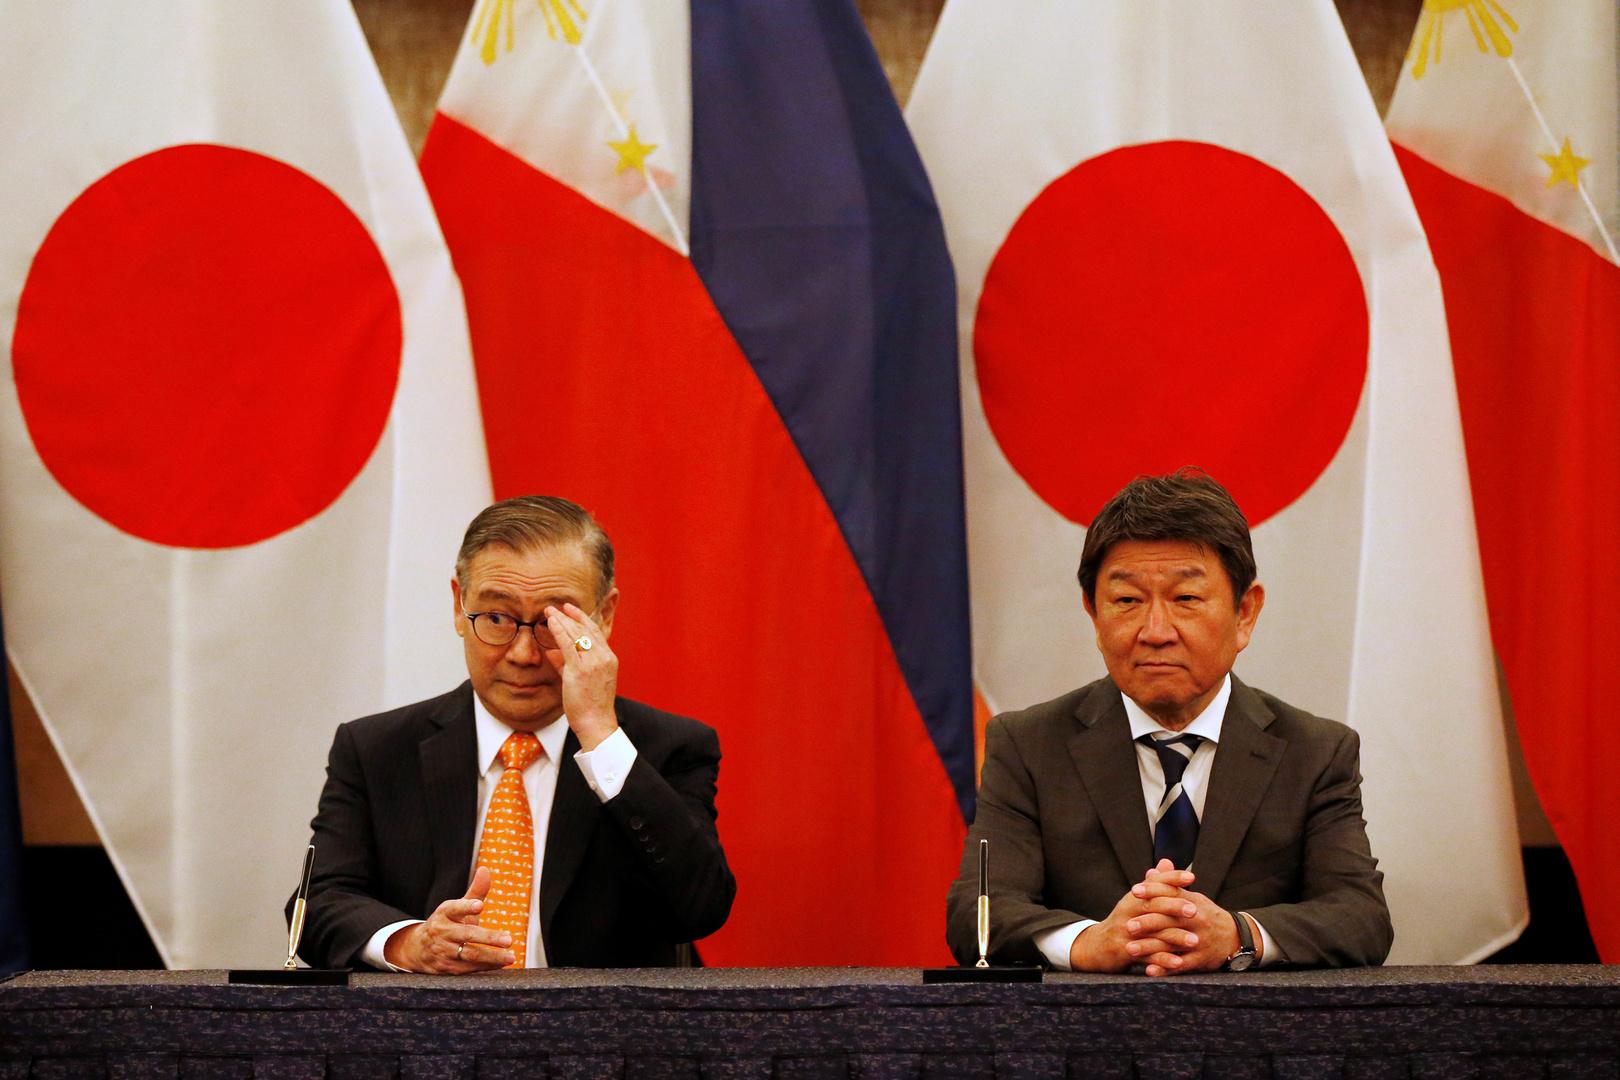 الفلبين تؤكد حيوية العلاقات مع الصين